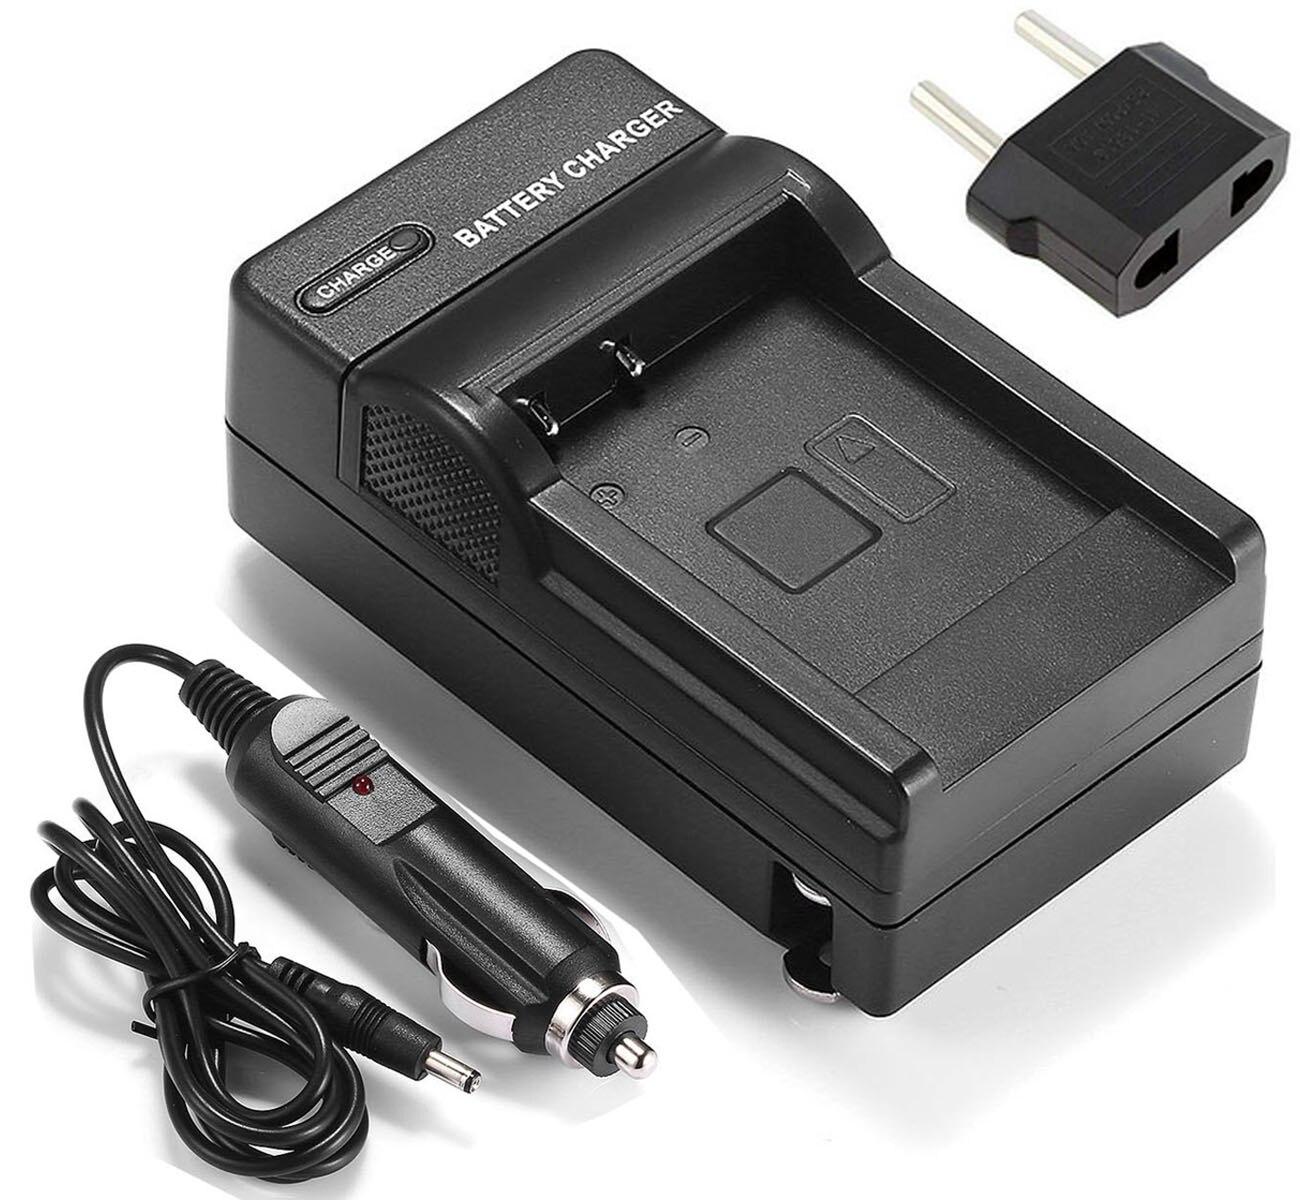 Cargador de batería para cámara Digital Nikon EN-EL10, ENEL10 y Nikon CoolPix...